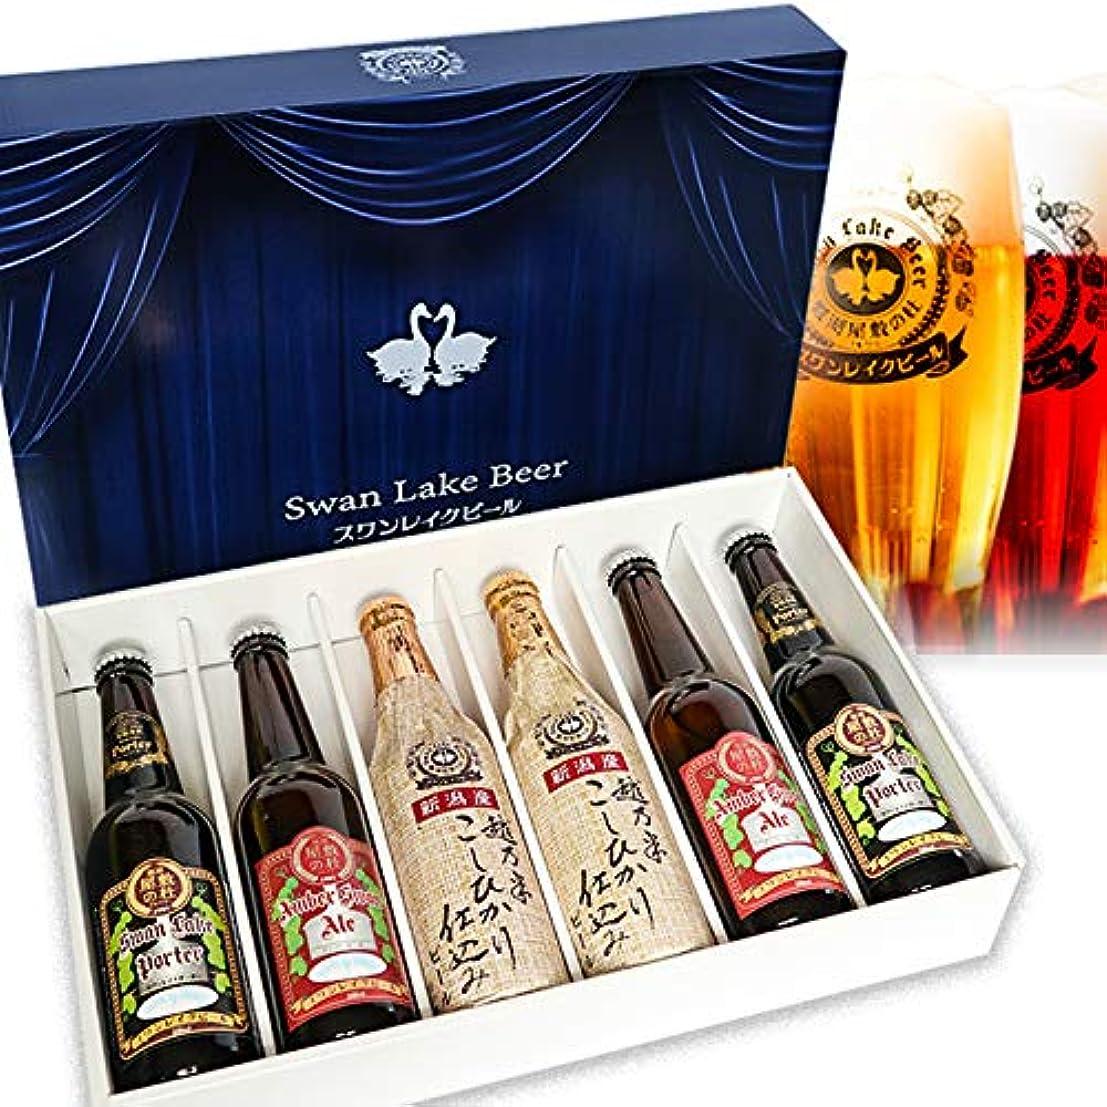 技術者ジャンク価値クラフトビール スワンレイクビール 金賞 6本 飲み比べ ギフト セット 熨斗梱包